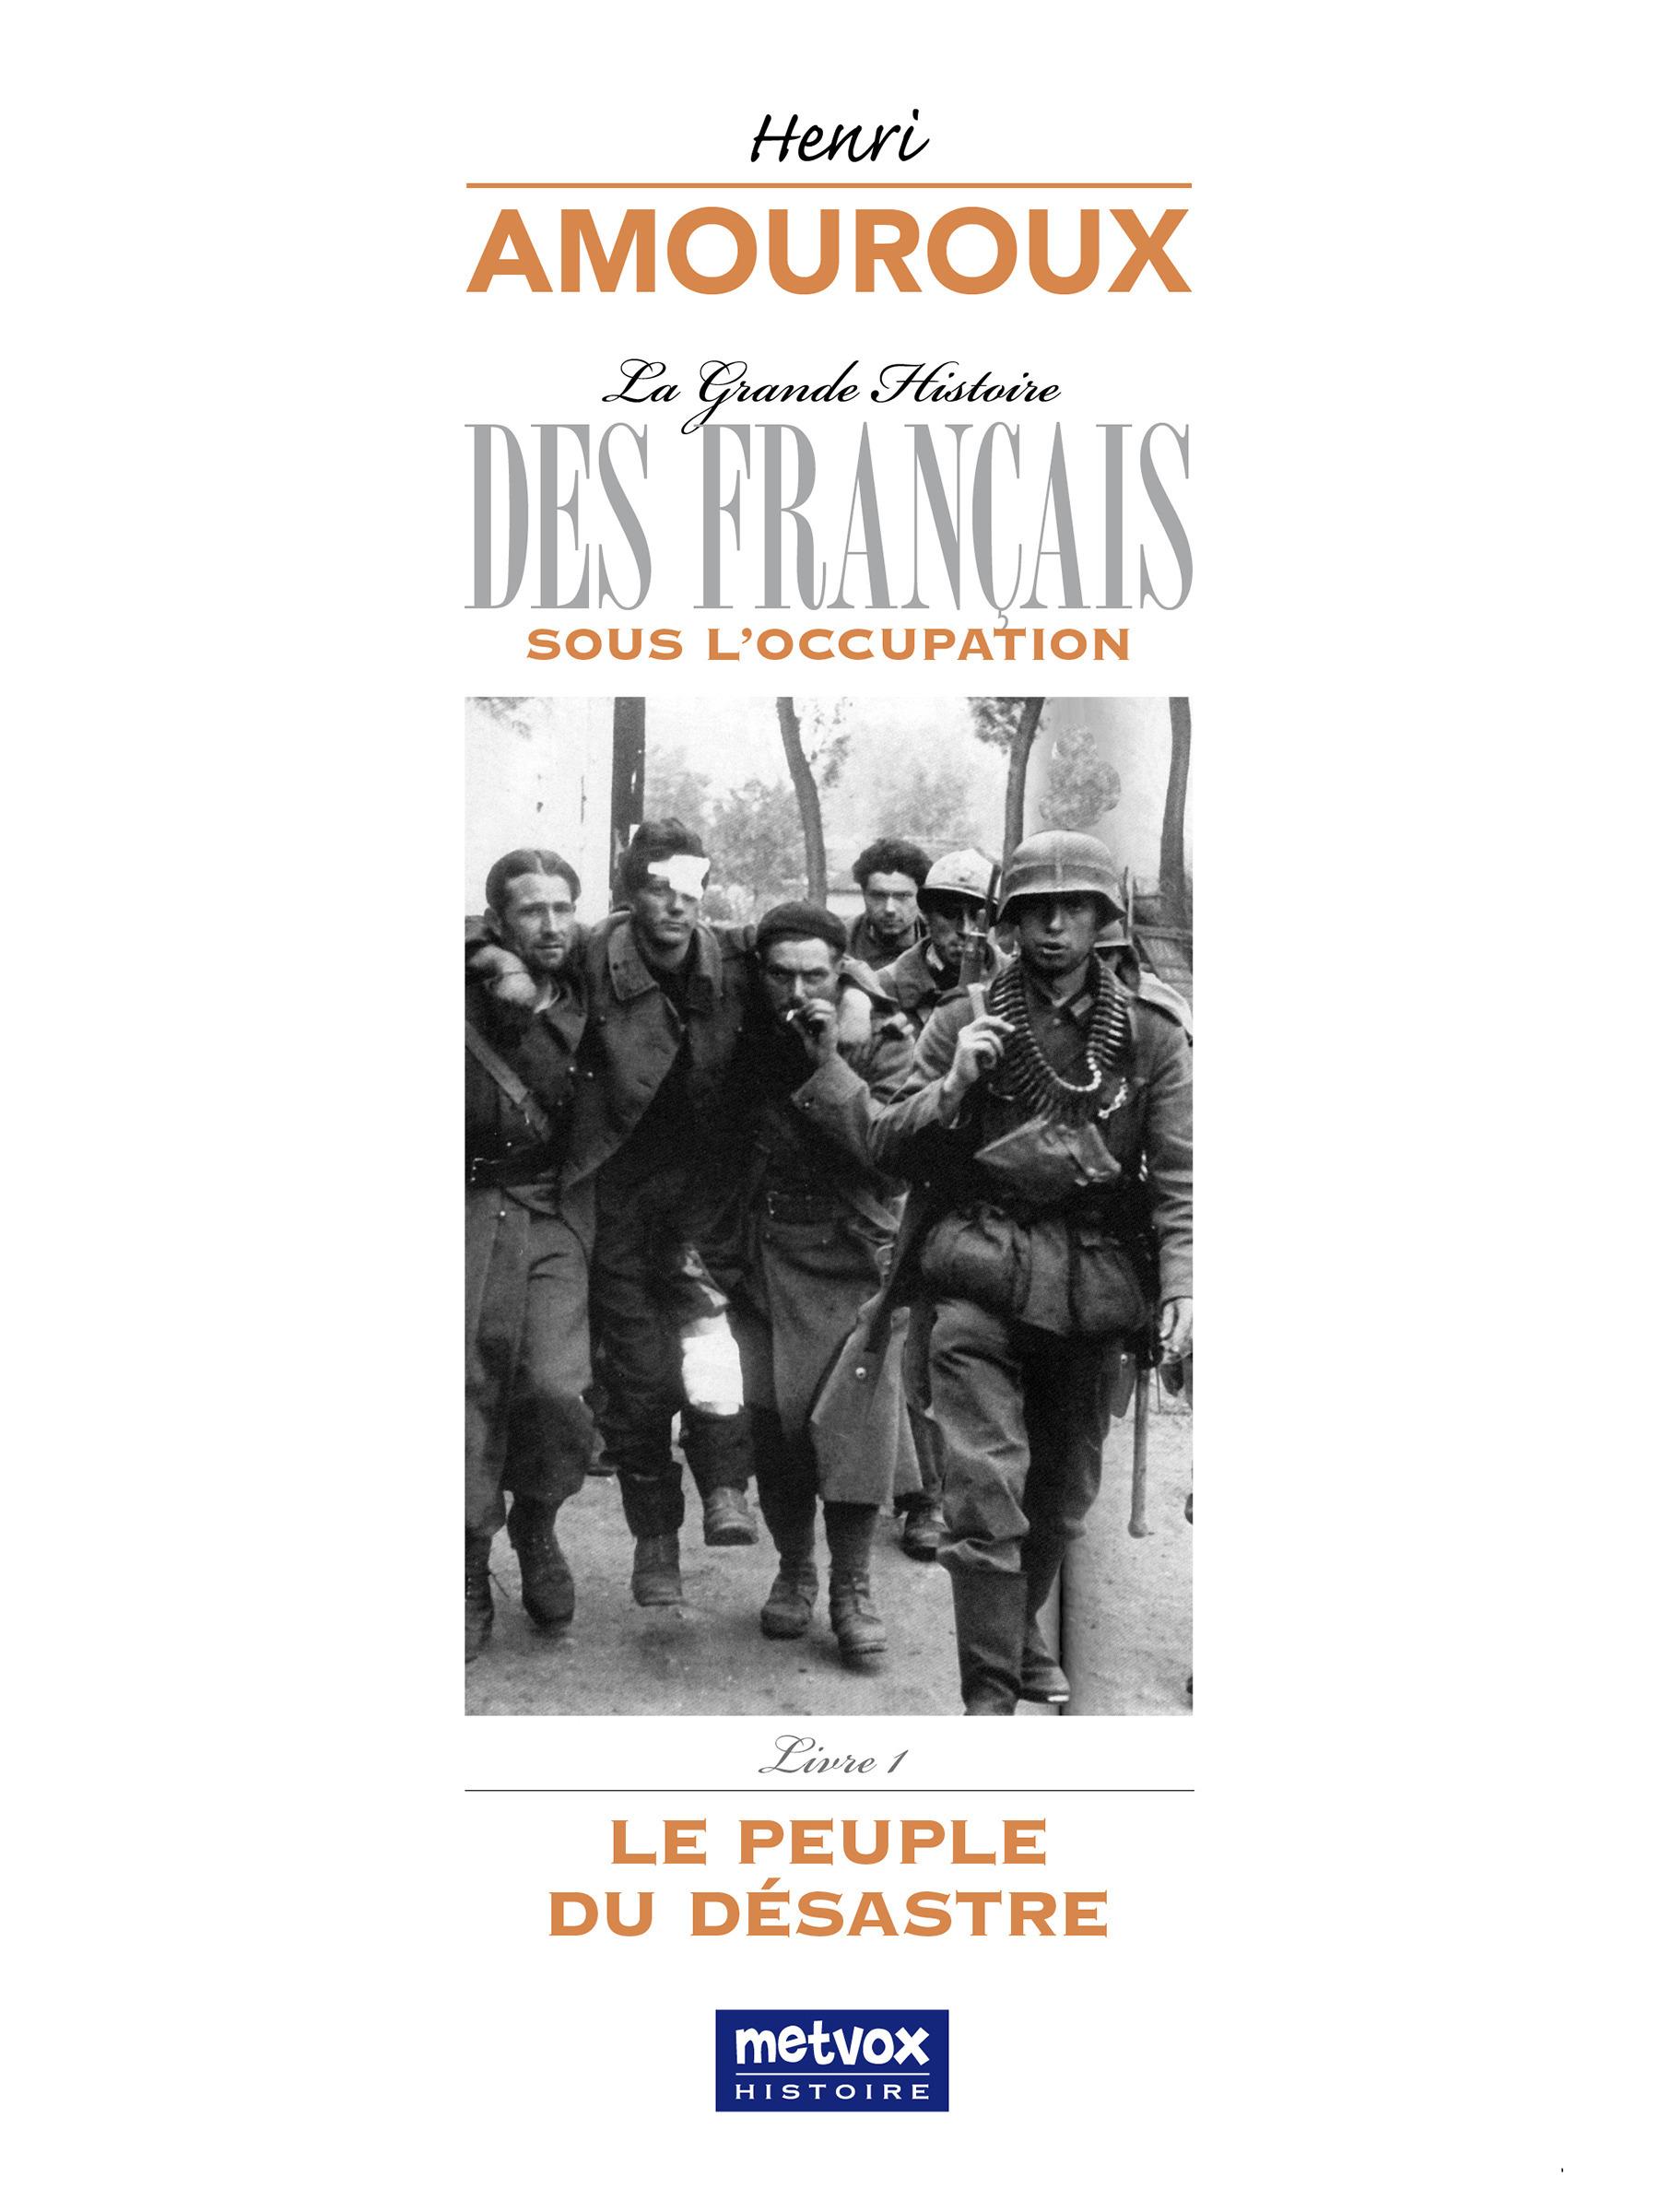 La grande histoire des francais sous l'occupation - t01 - la grande histoire des francais sous l'occ